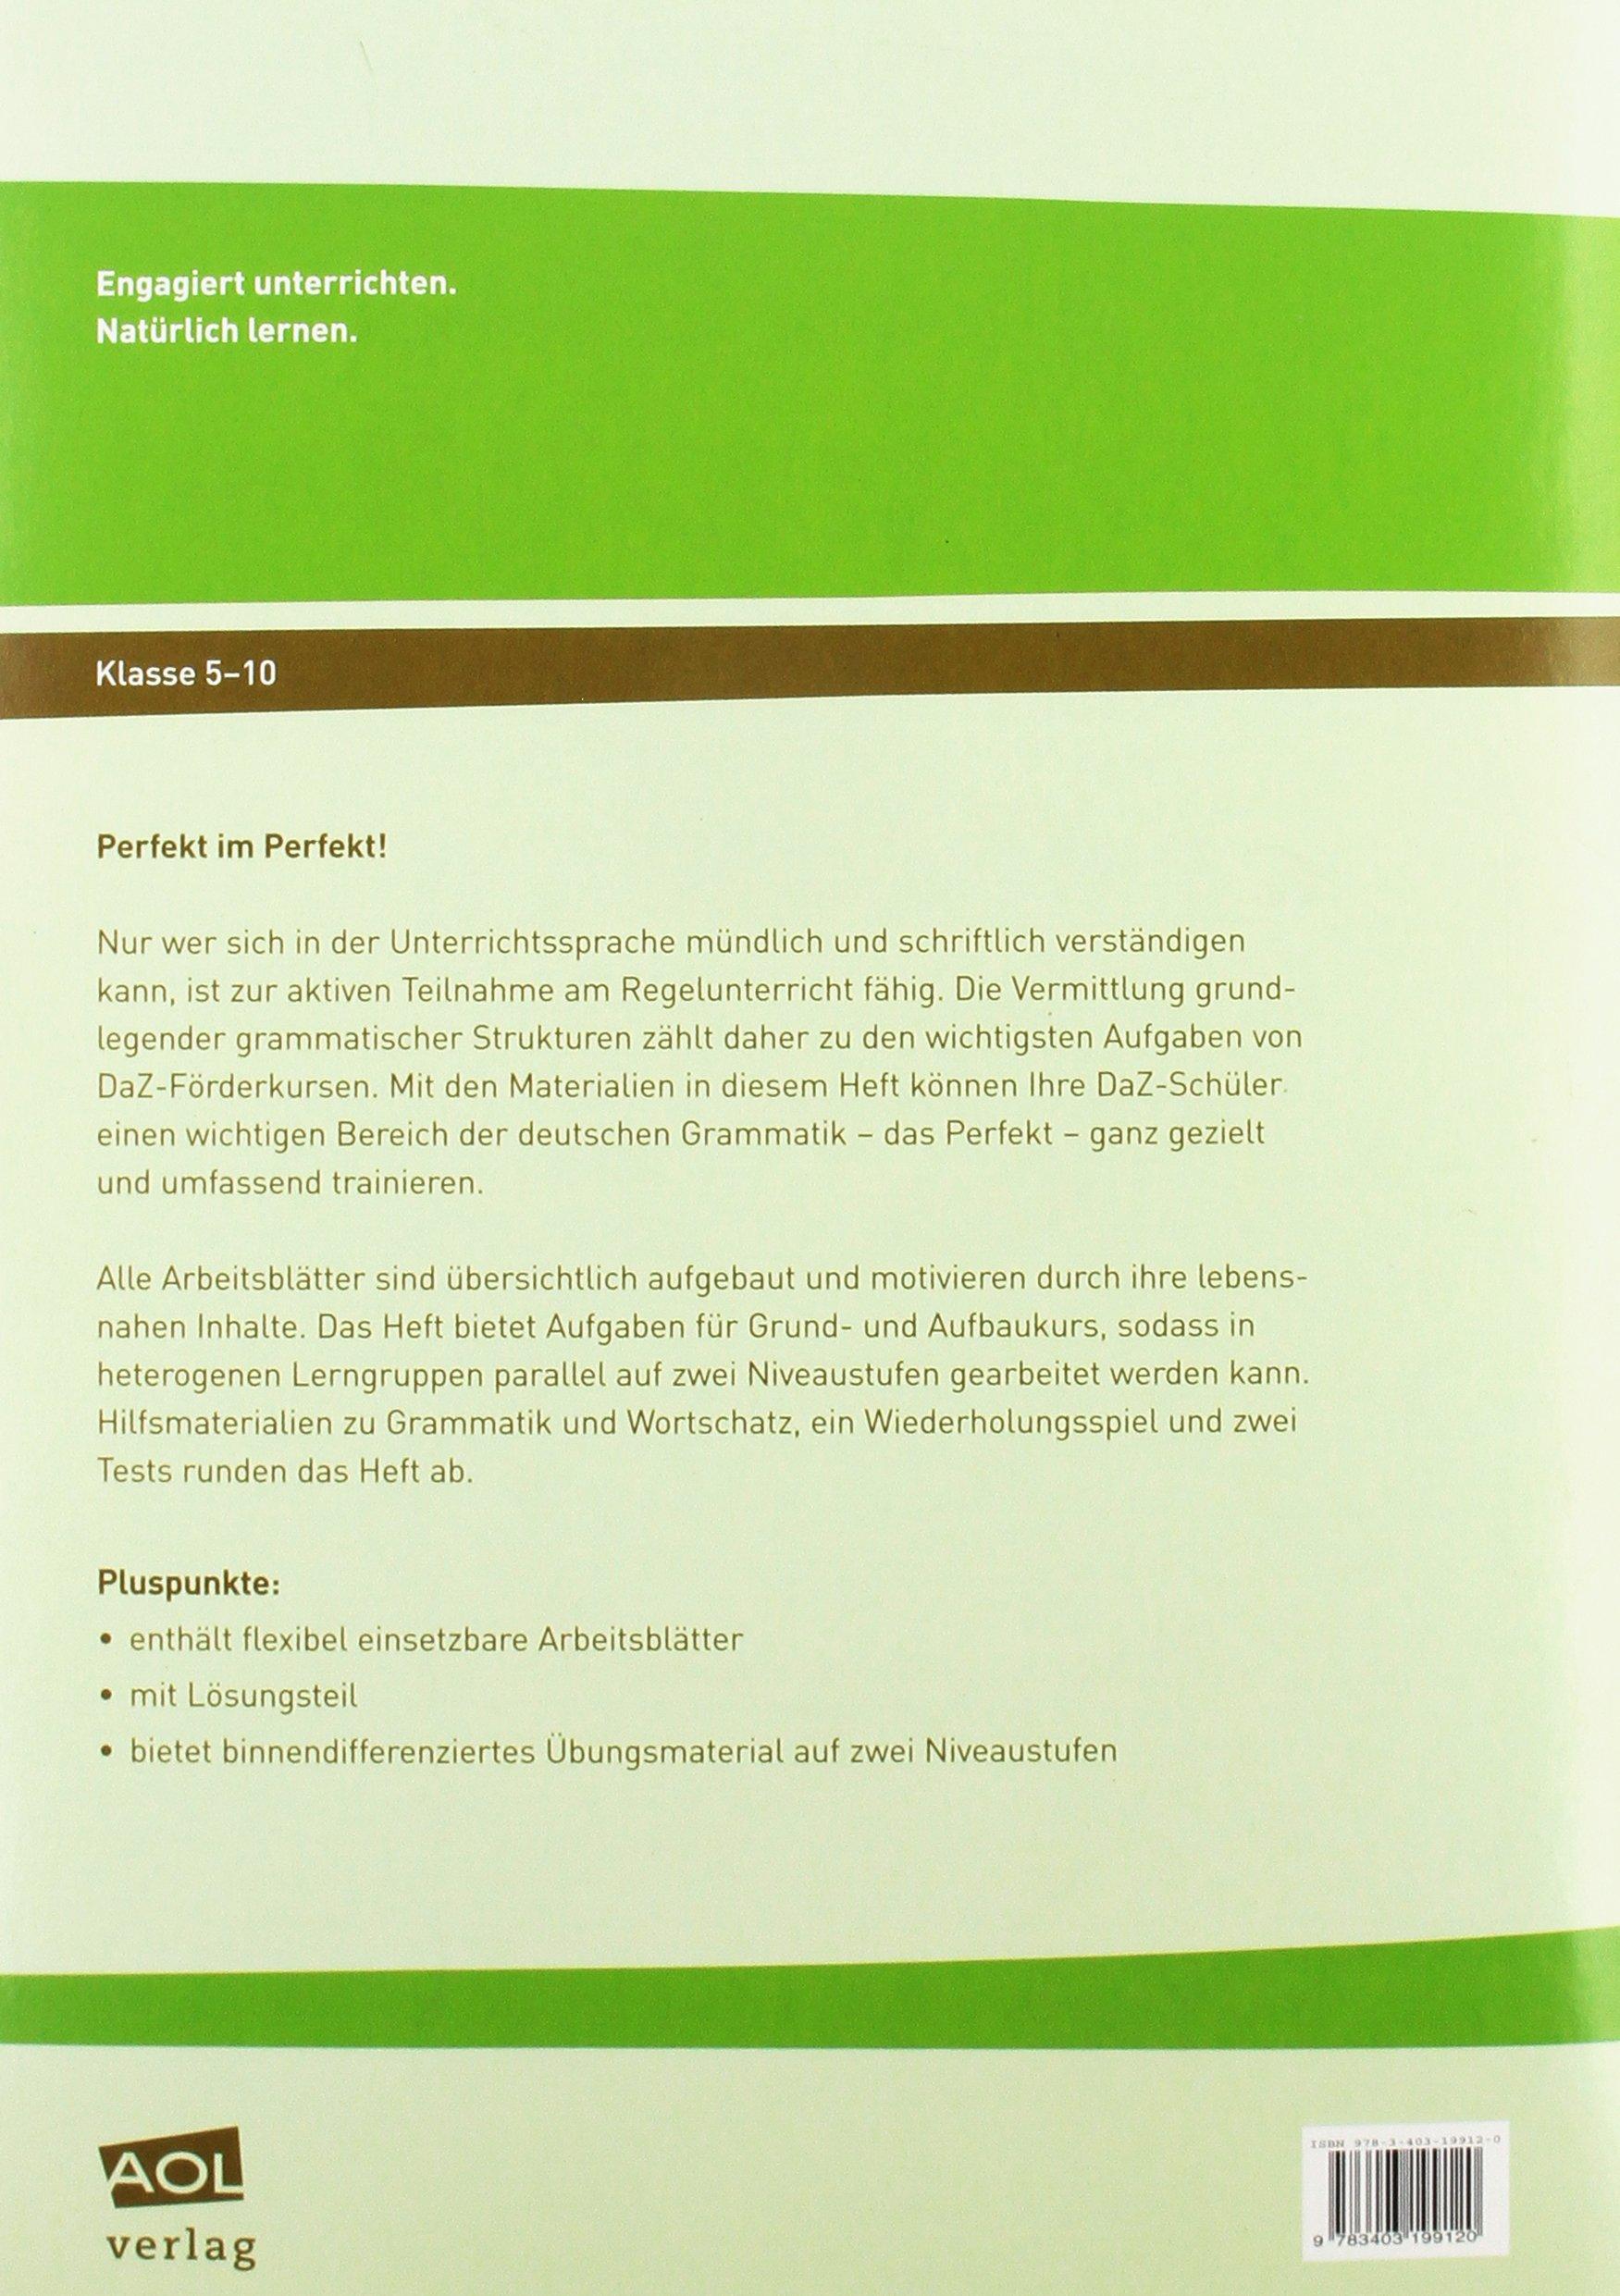 DaZ-Grammatiktrainer: Perfekt: Übungsmaterial auf zwei Niveaustufen ...